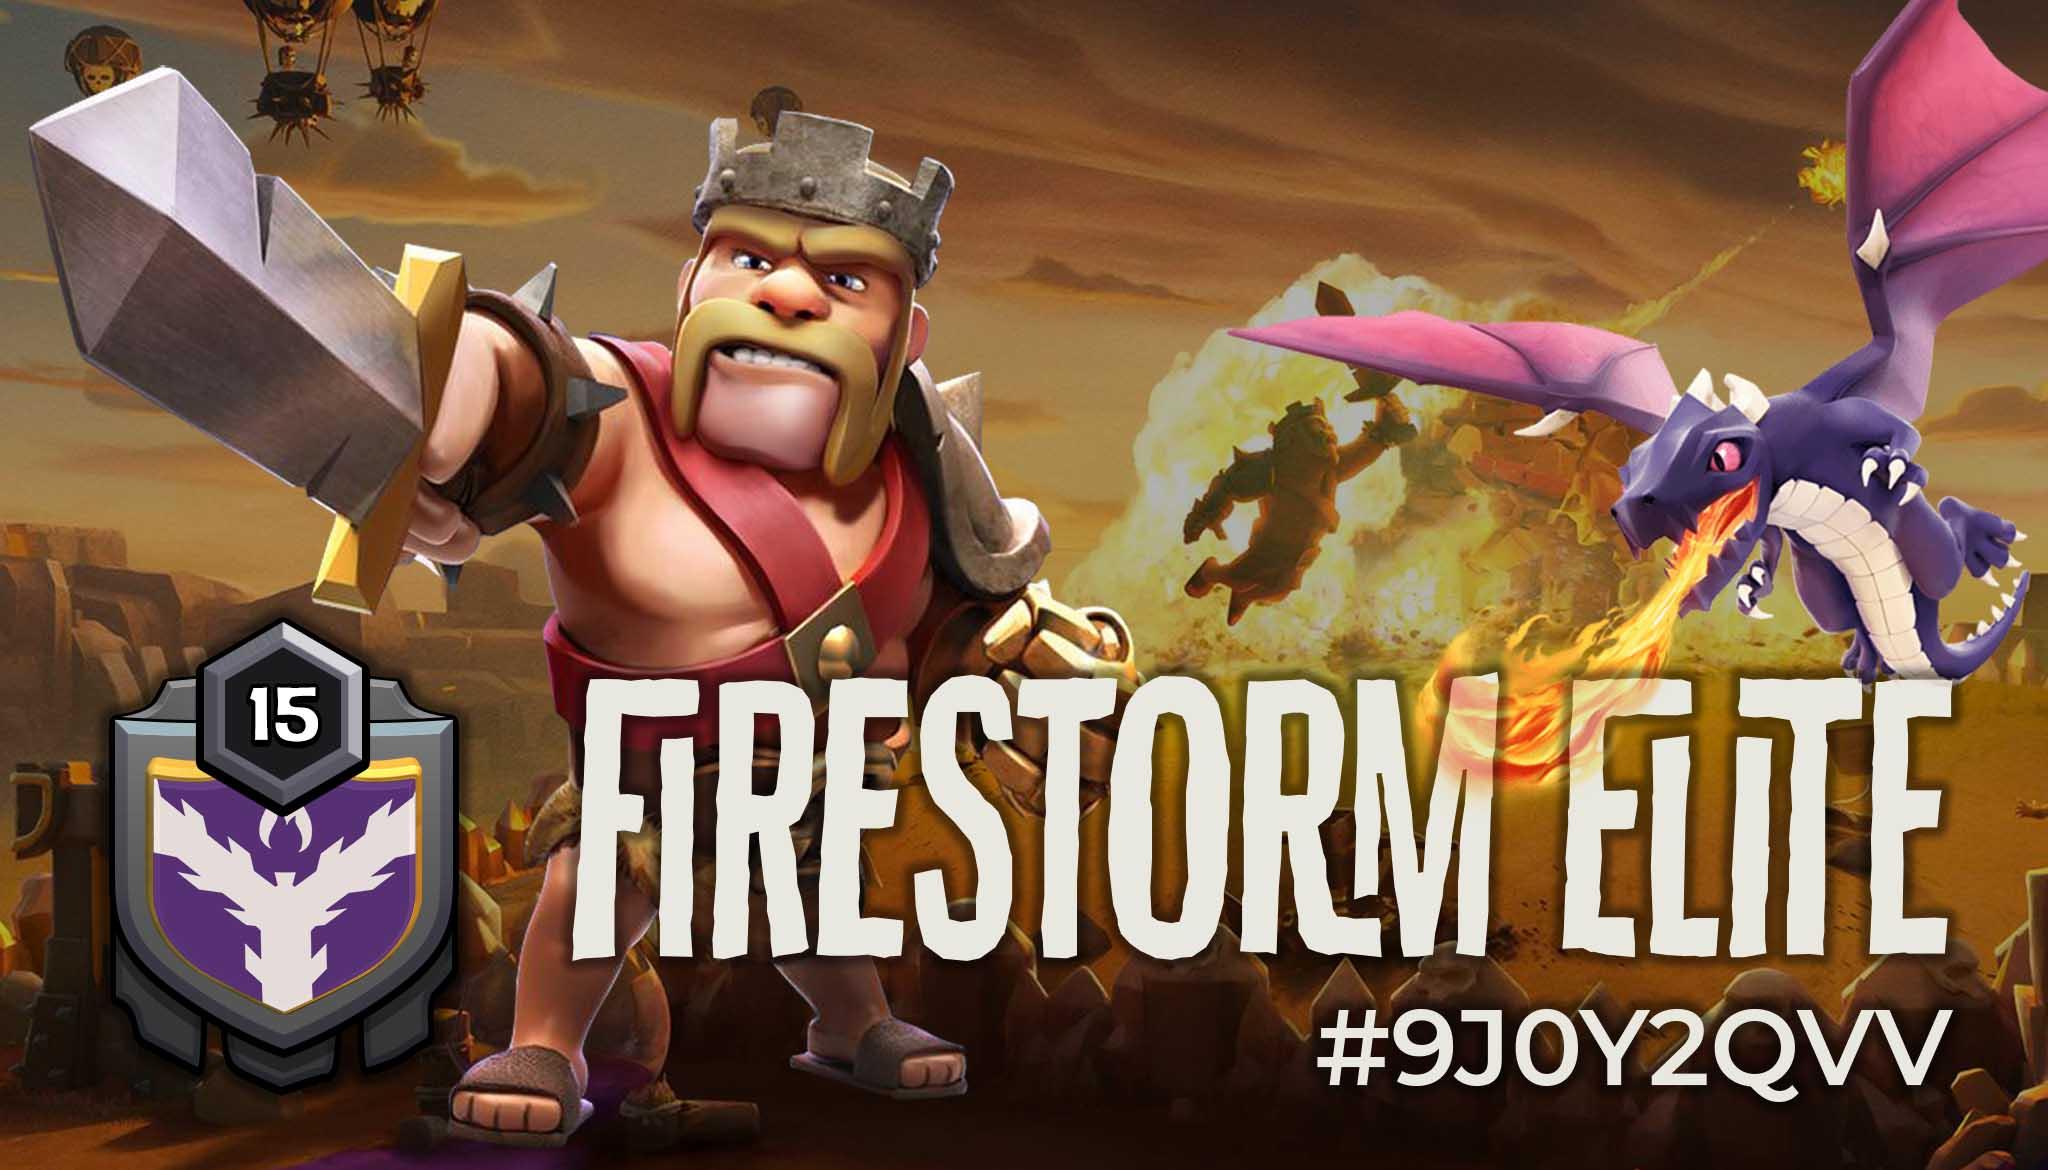 Firestorm Elite